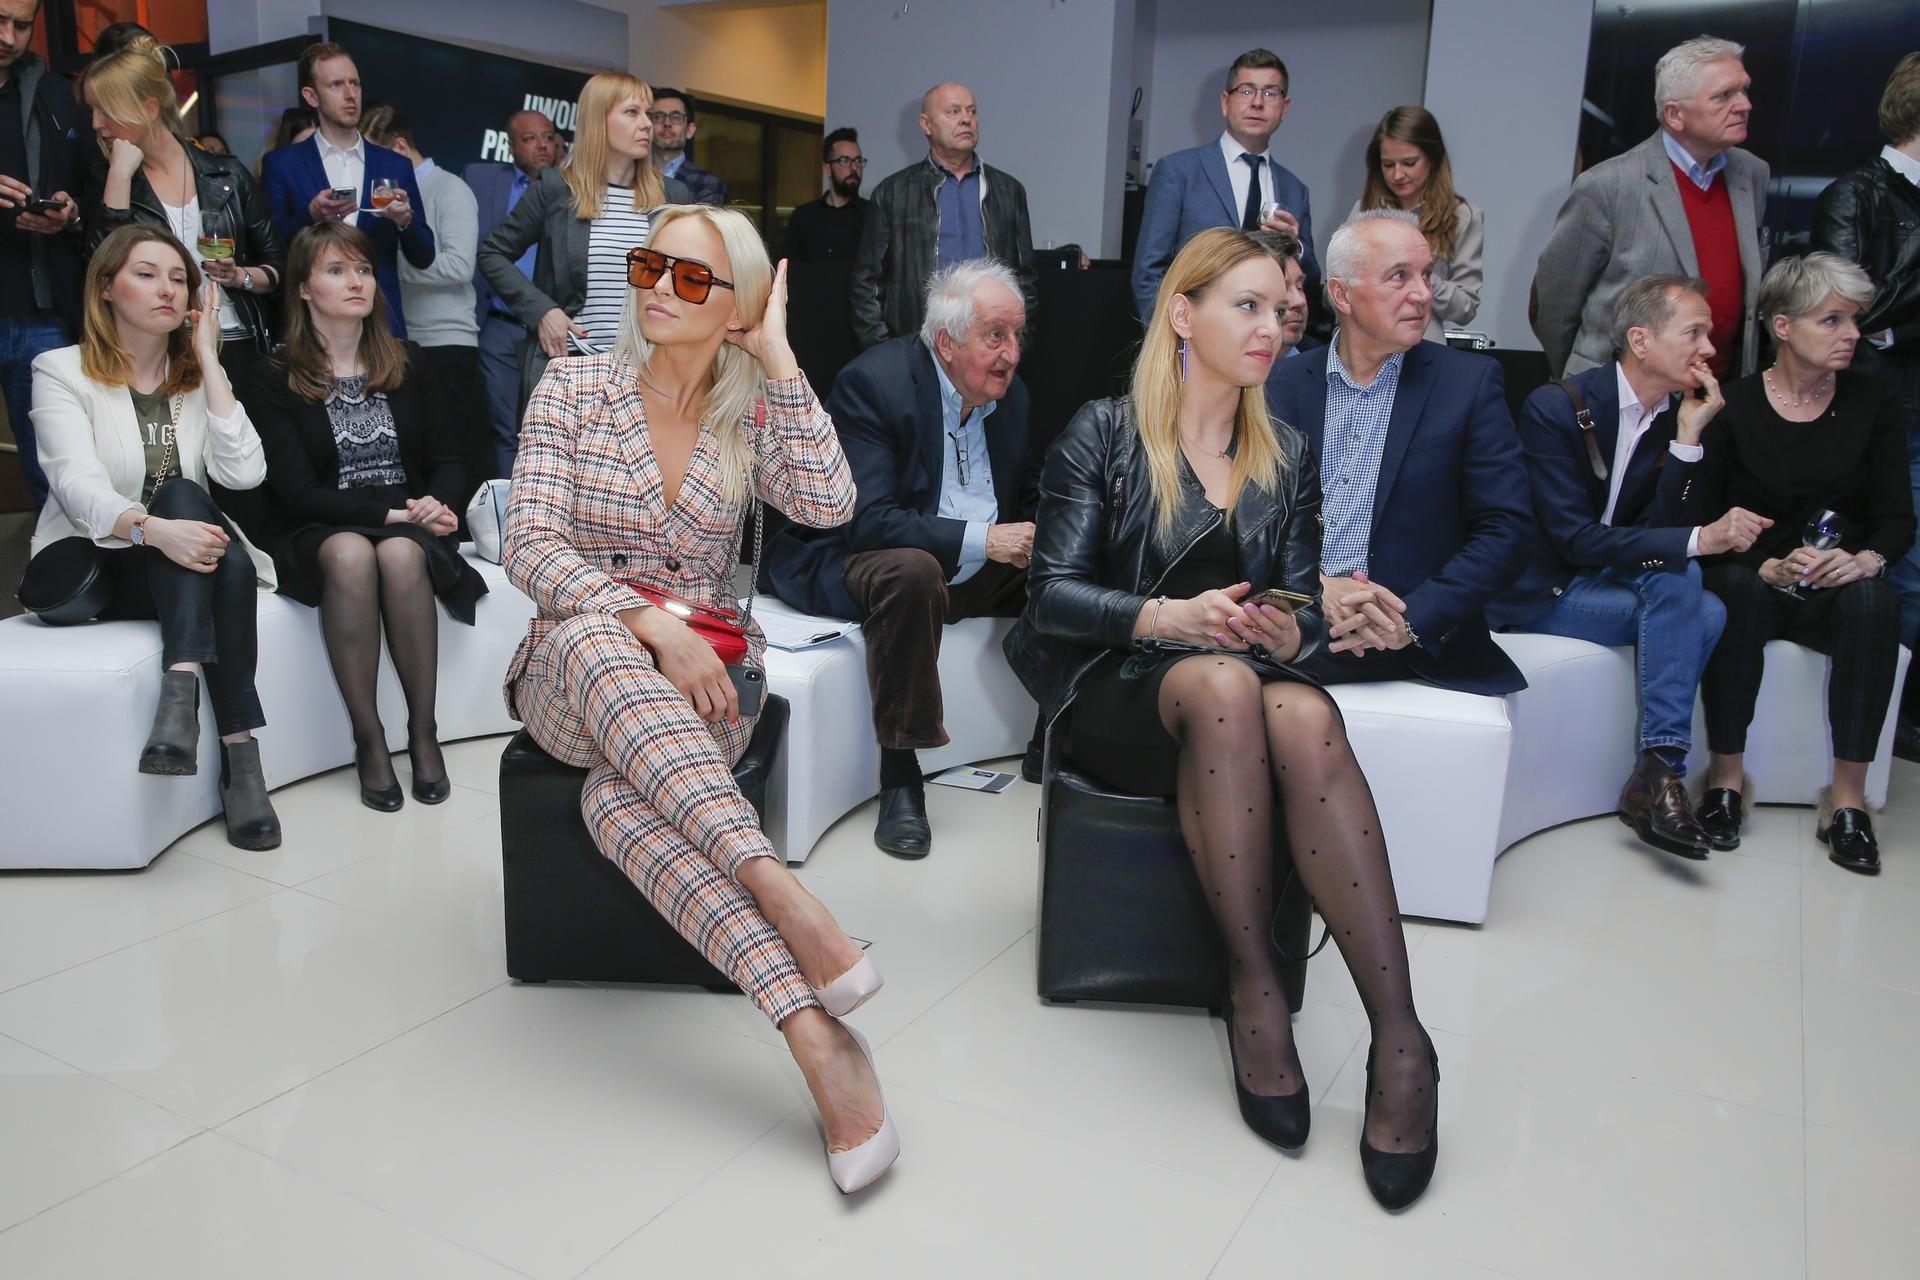 Socha w mini, Kożuchowska w czerni i Gorczyca w białym garniturze plus JESZCZE WIĘCEJ gwiazd na premierze samochodu